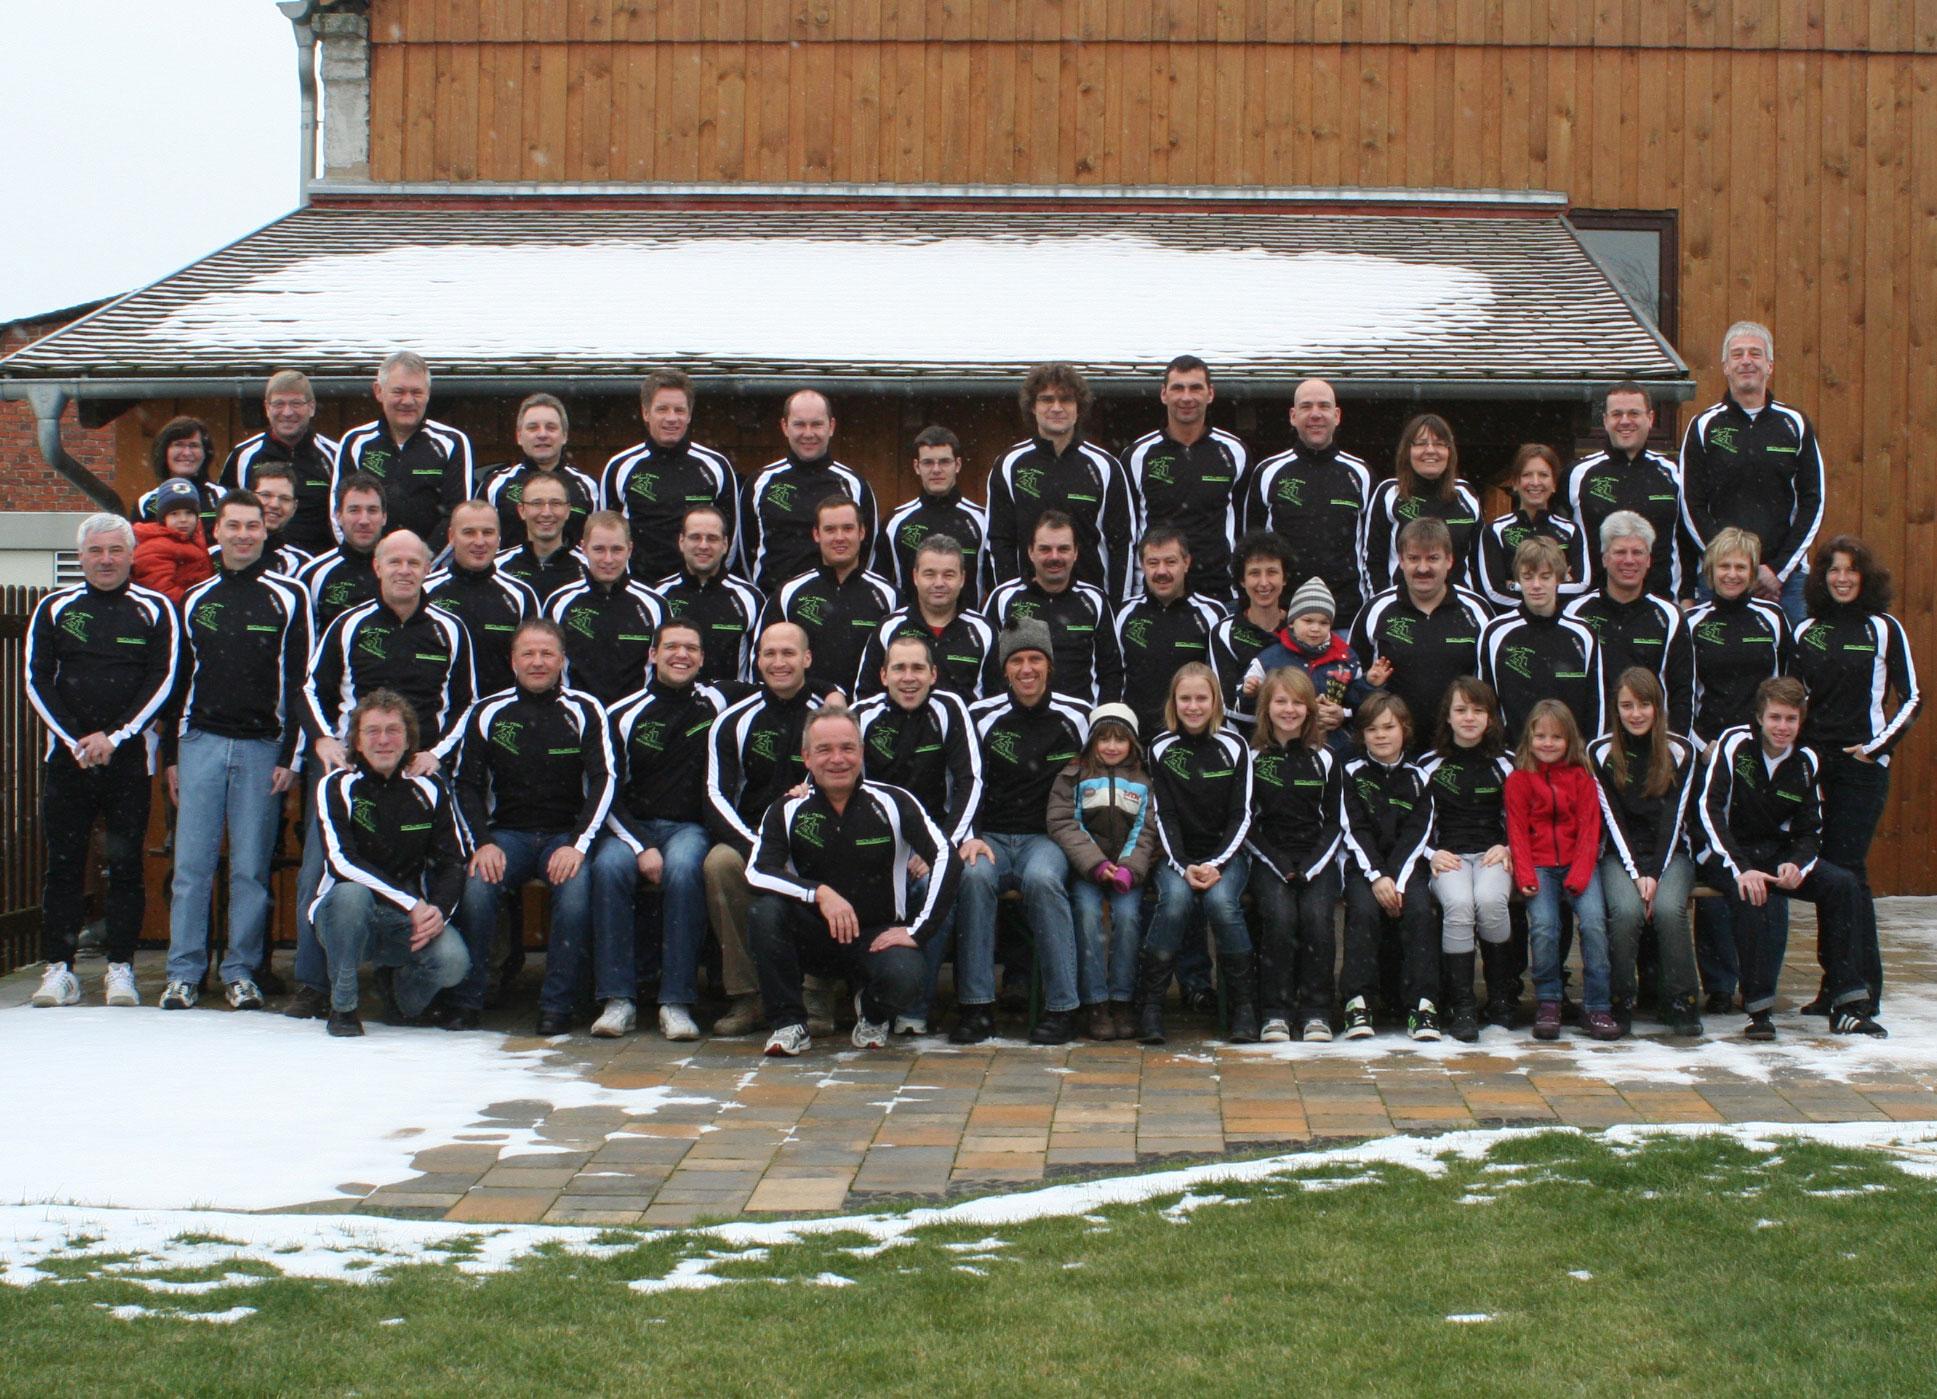 Waffelshirts 2010